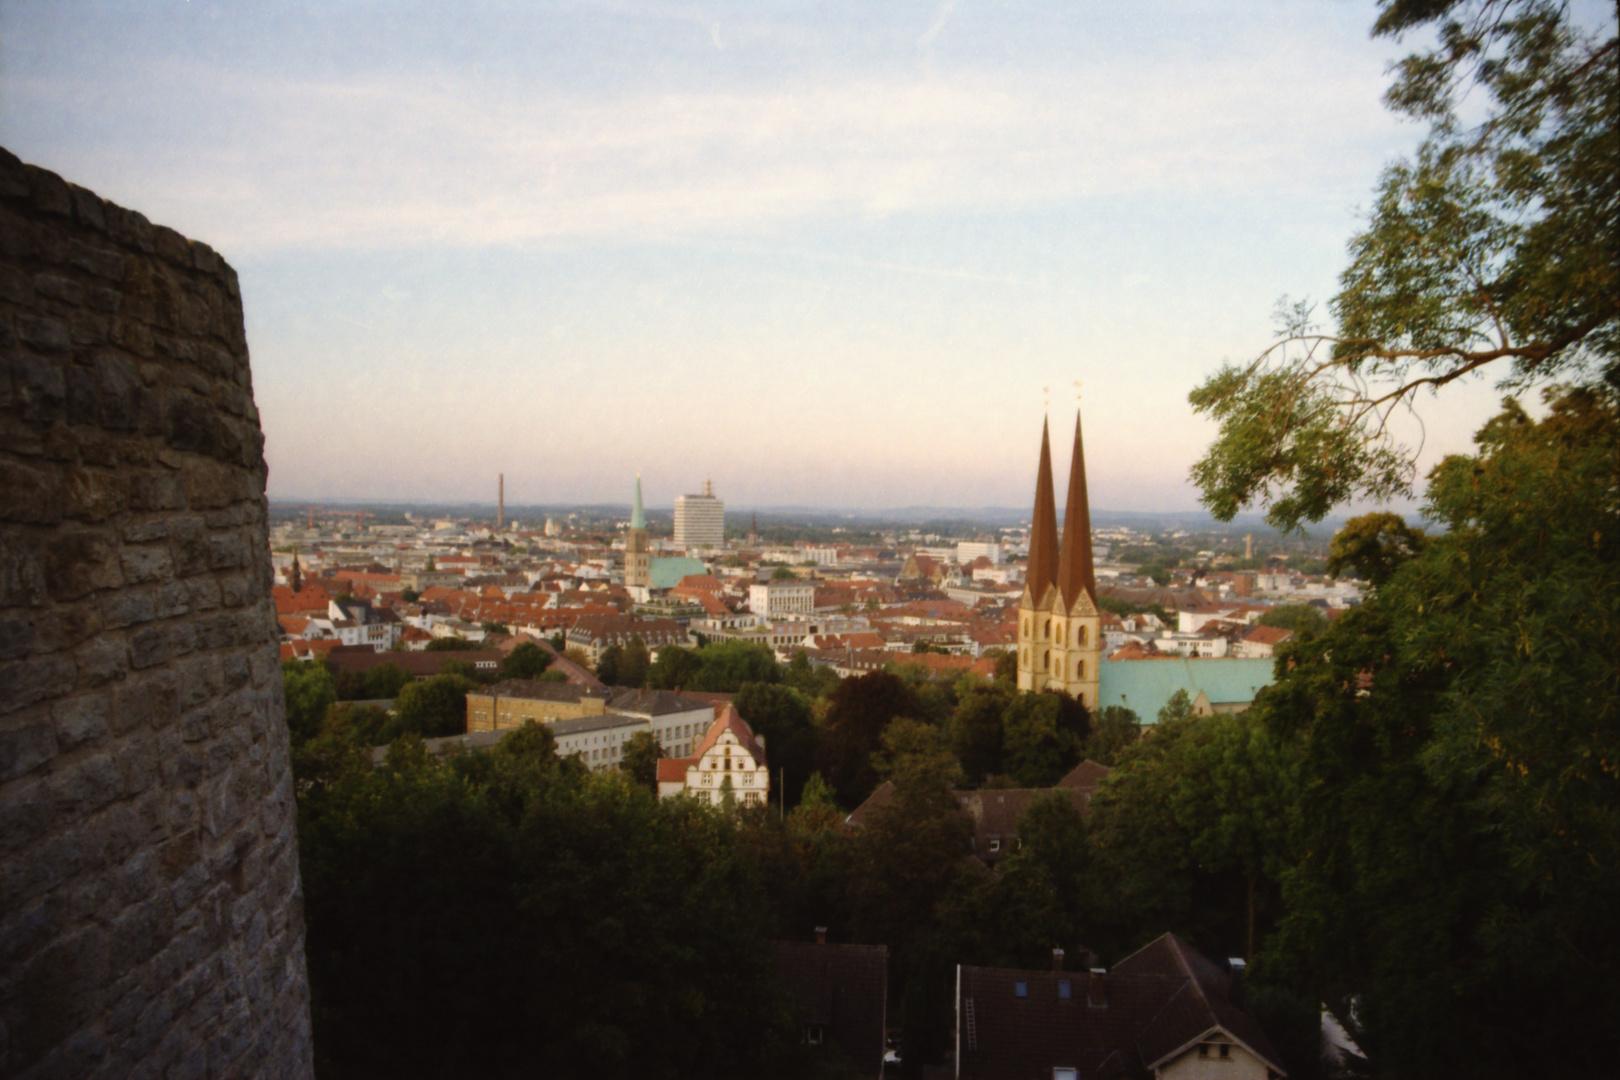 Bielefeld Ich war da Teil 5 - So sieht also die Stadt von oben aus , die es nicht gibt ?